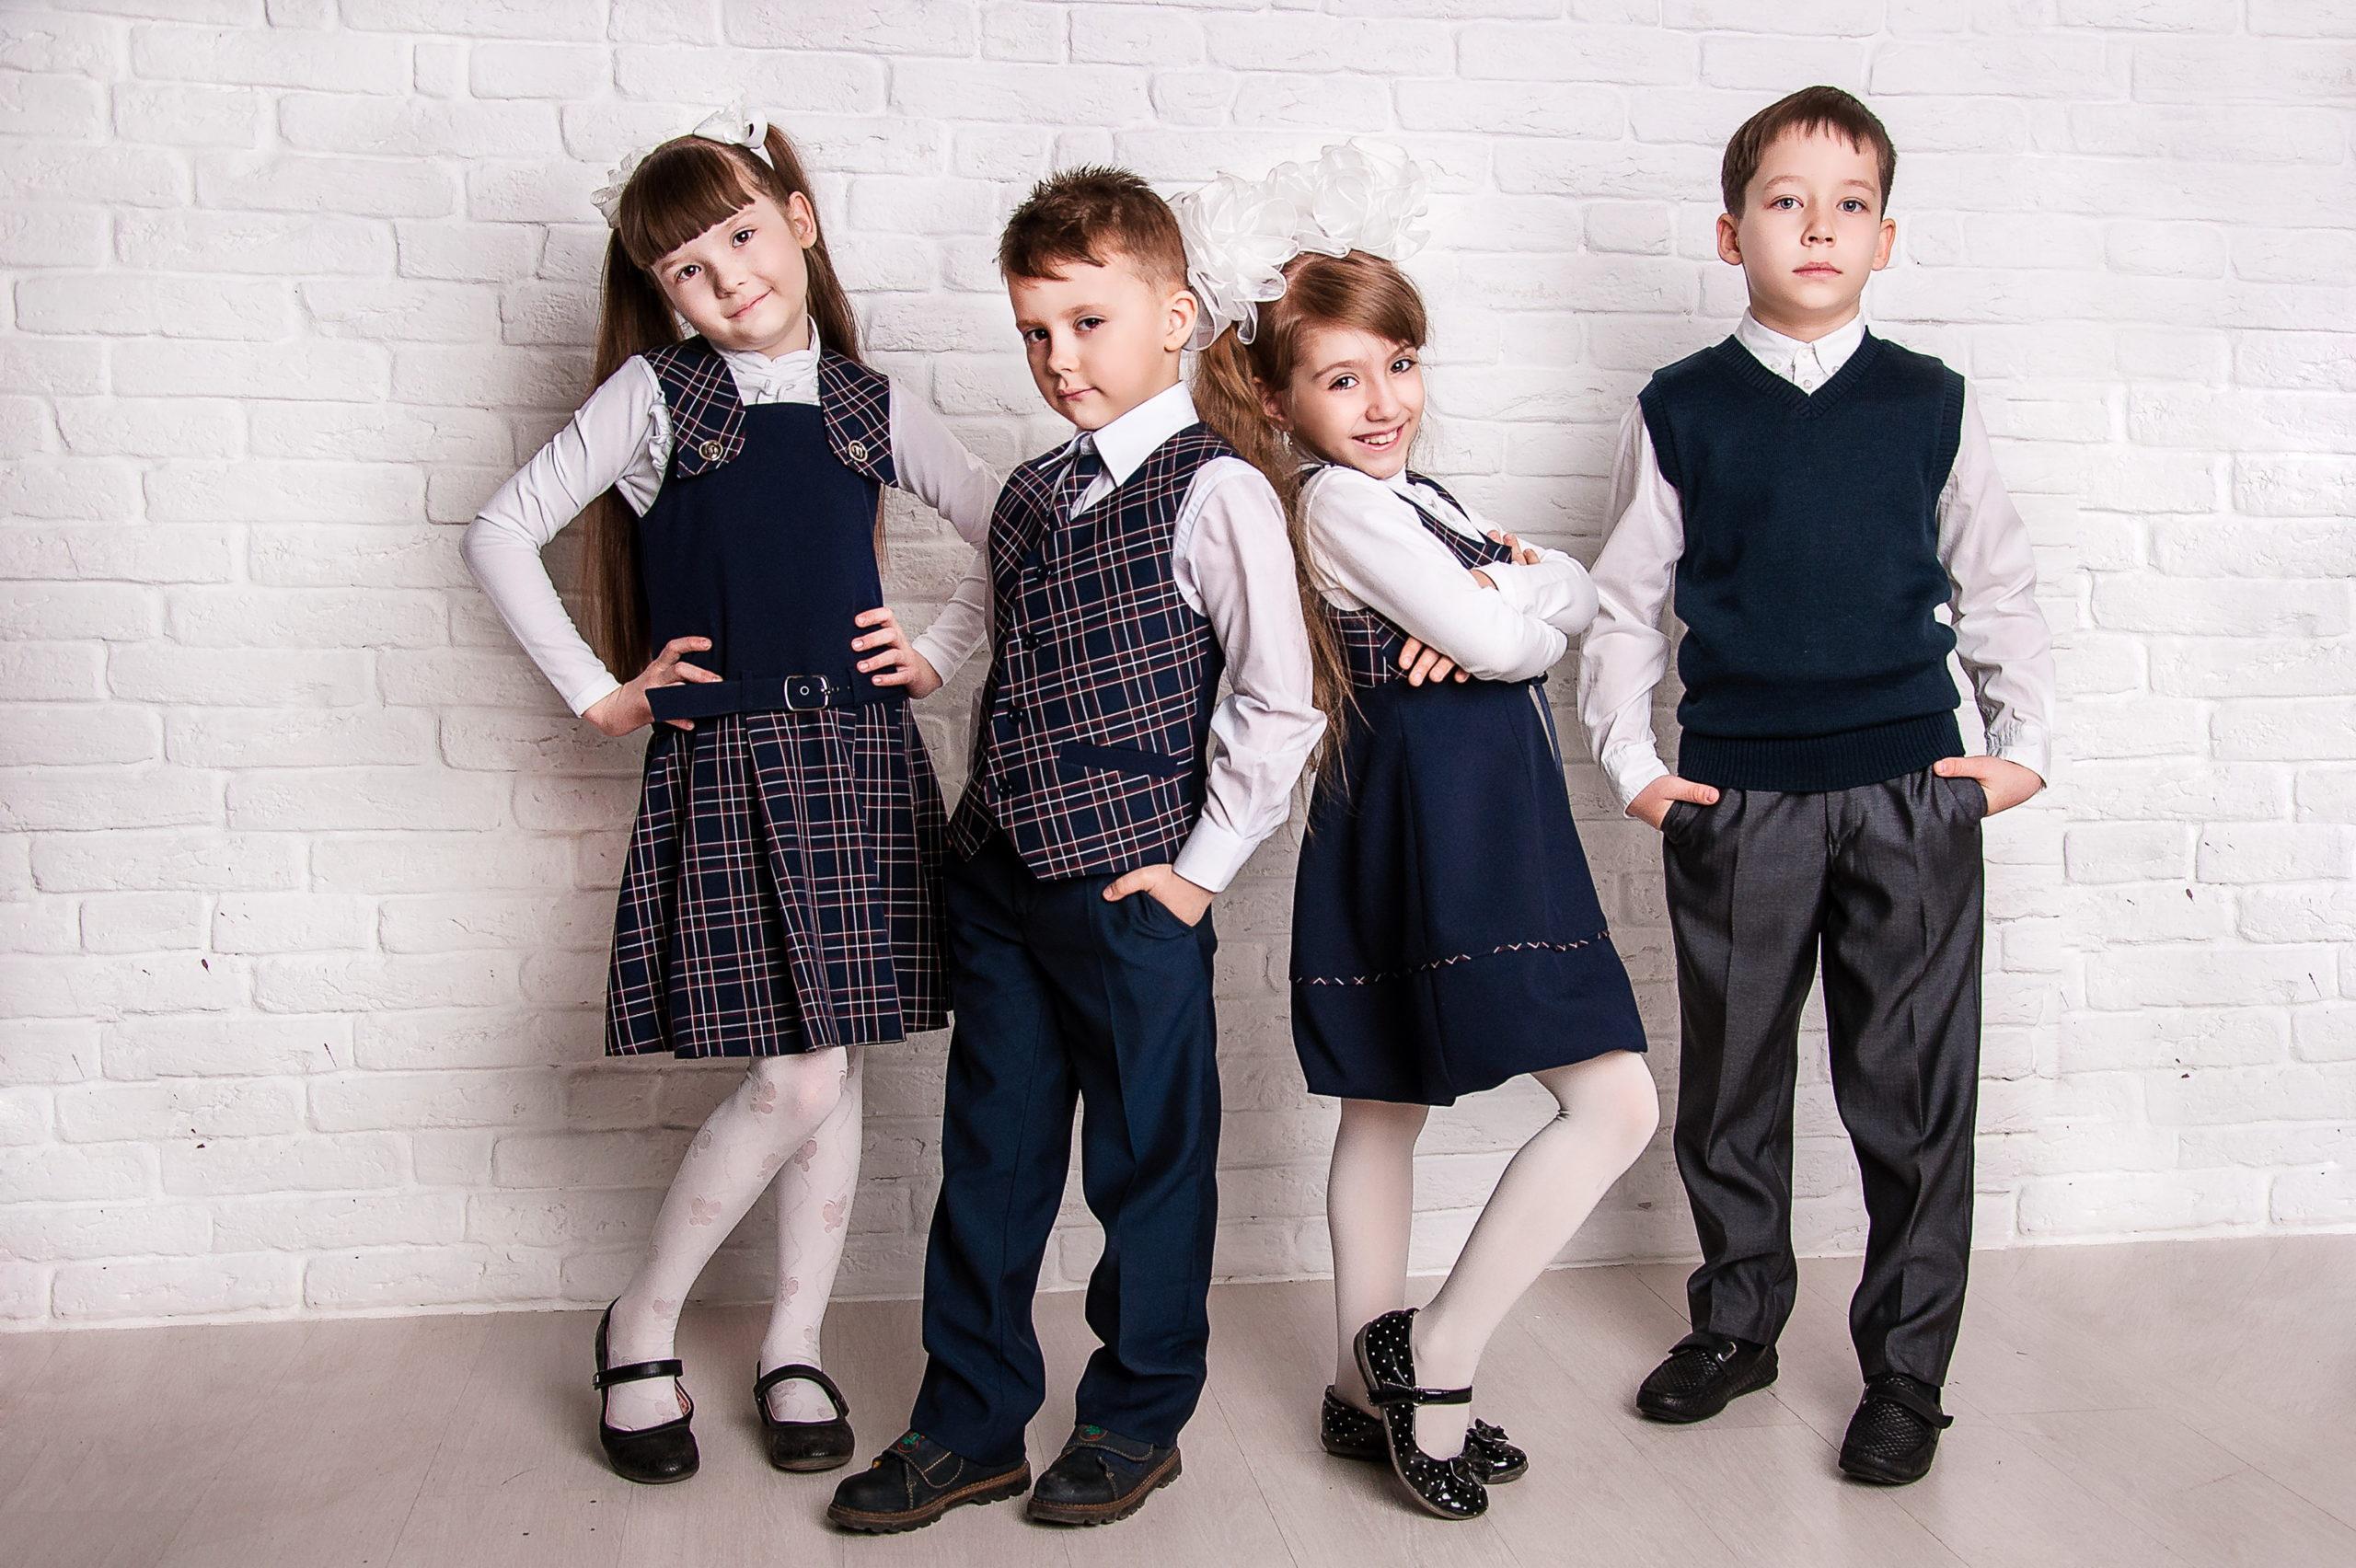 Жителям Тверской области дали рекомендации по выбору школьной формы для детей